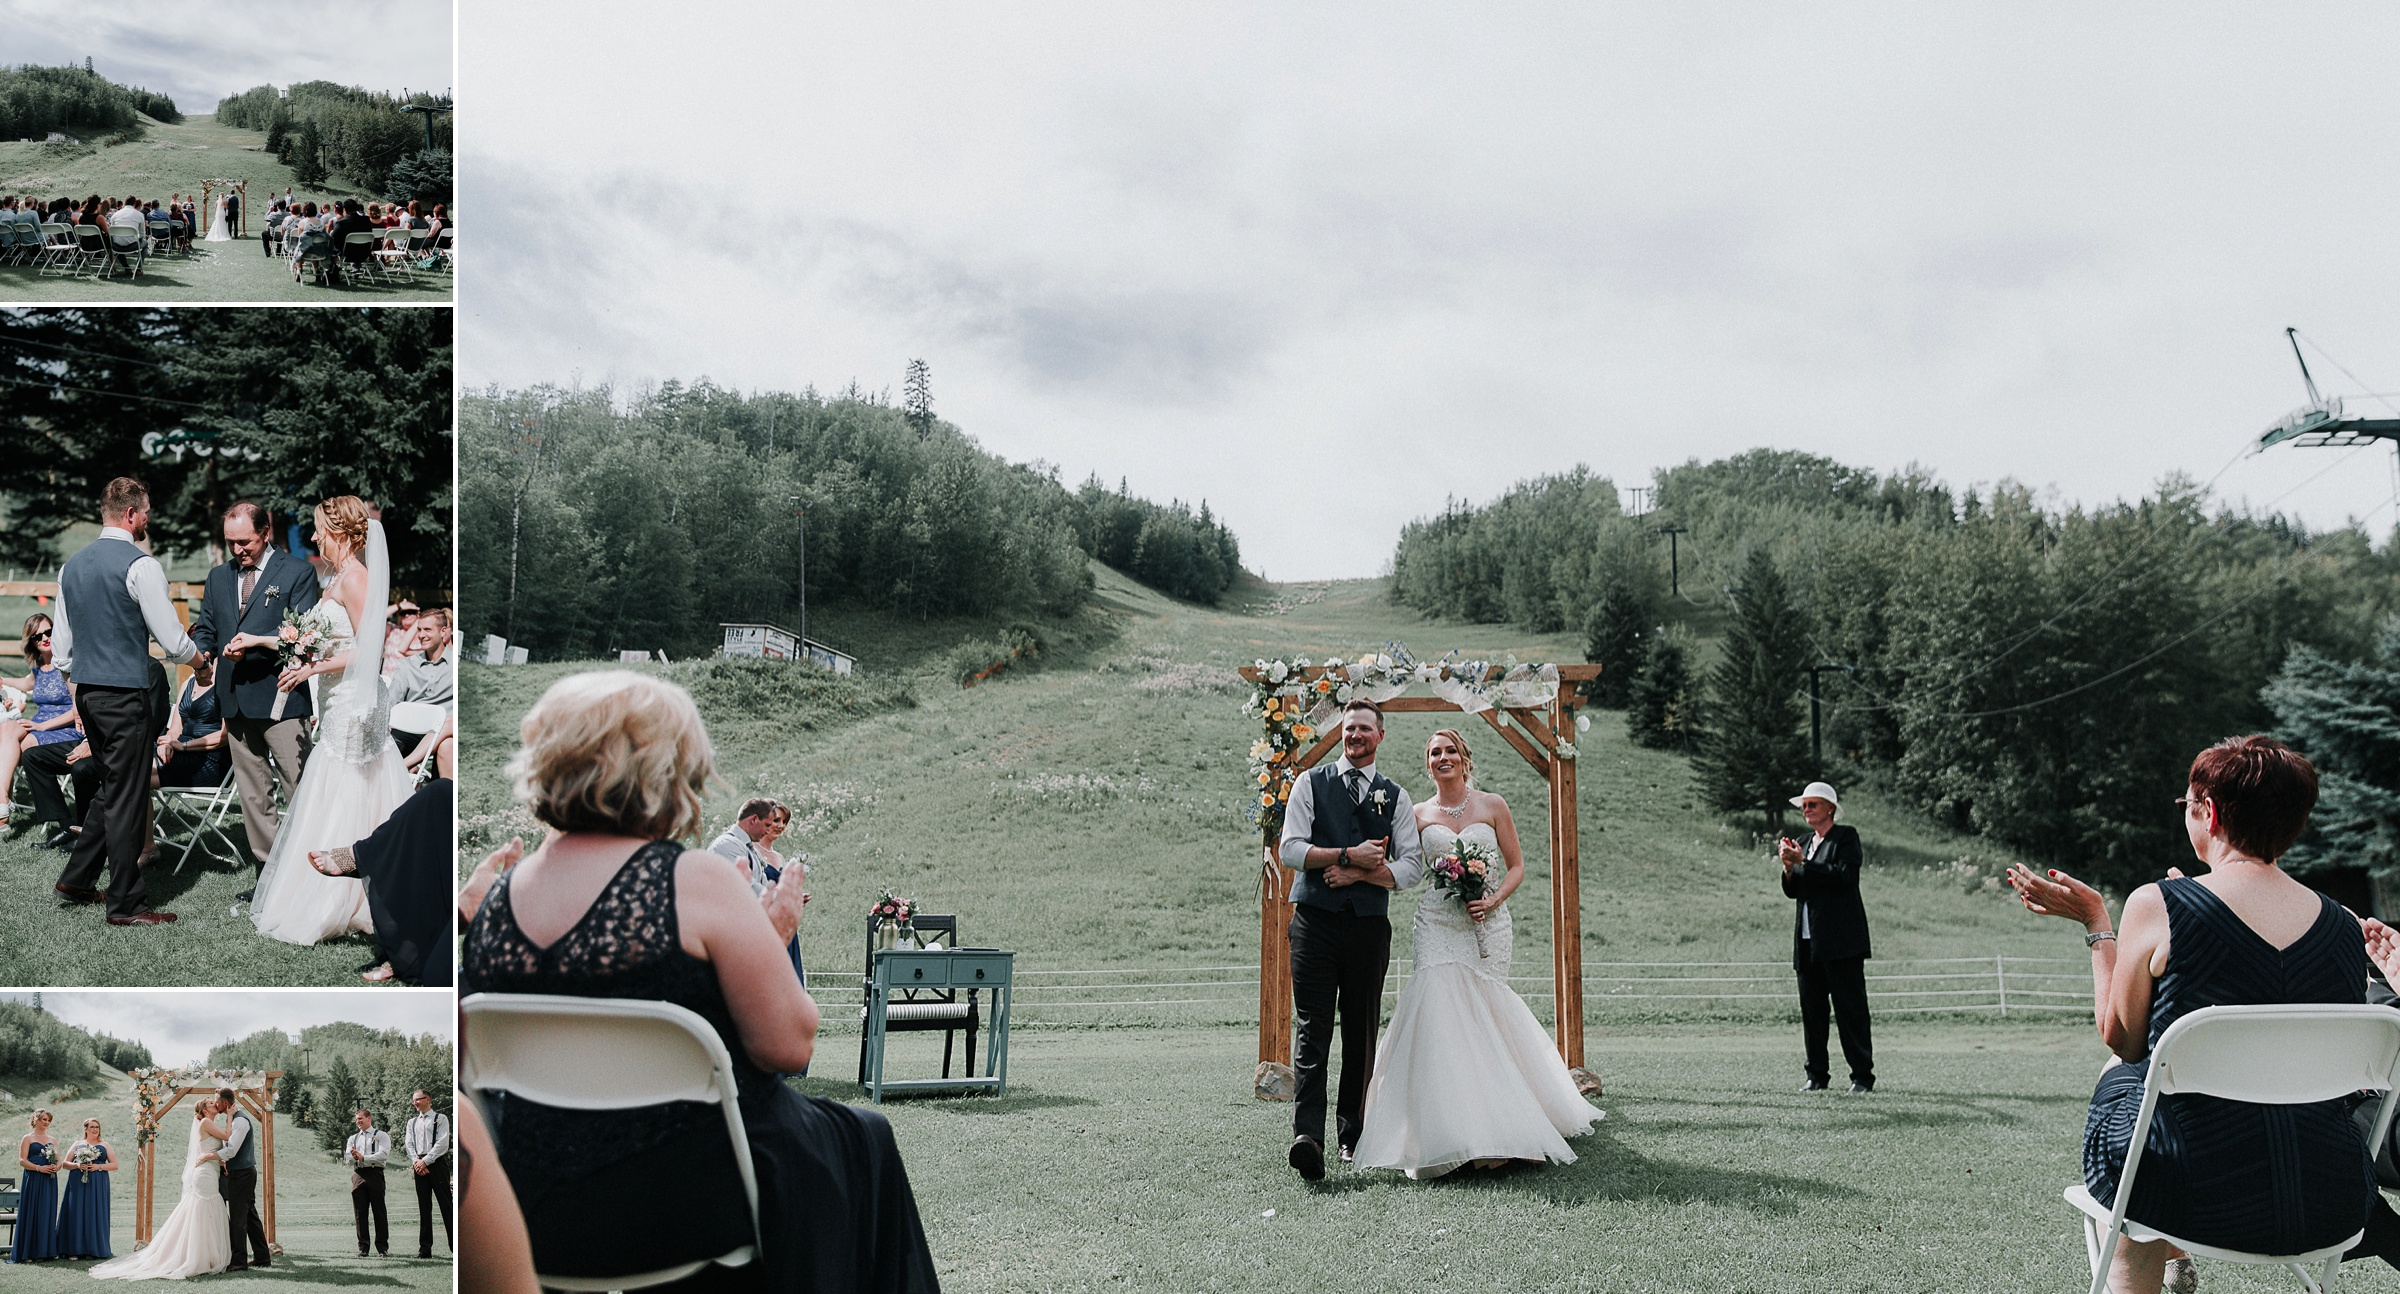 red deer wedding photographers, red deer wedding, red deer wedding venues